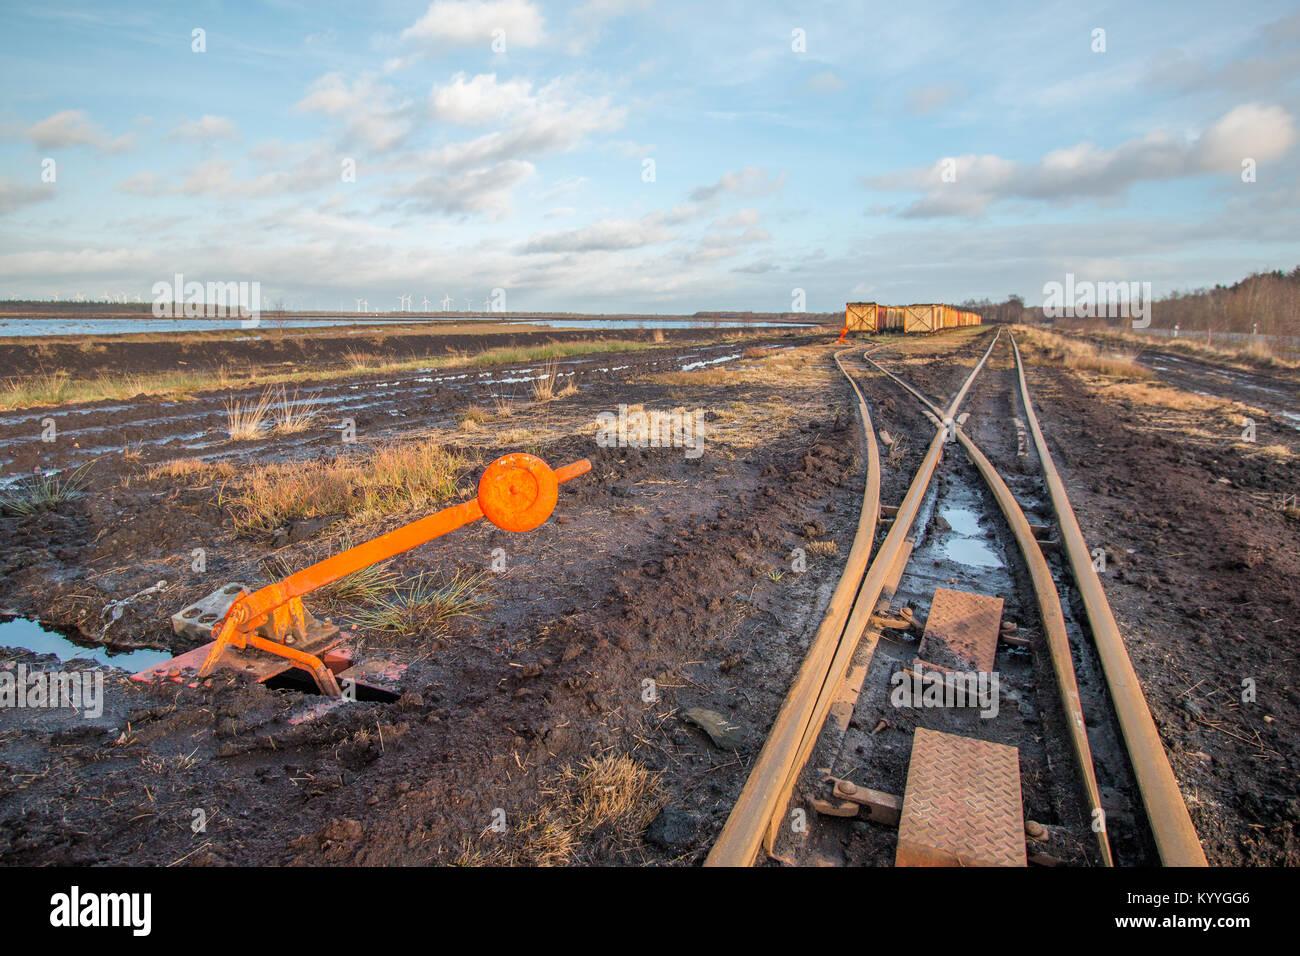 Landschaft geschossen von einem Schalter und Hebel von einem Moor Track mit Lore im Hintergrund Stockbild